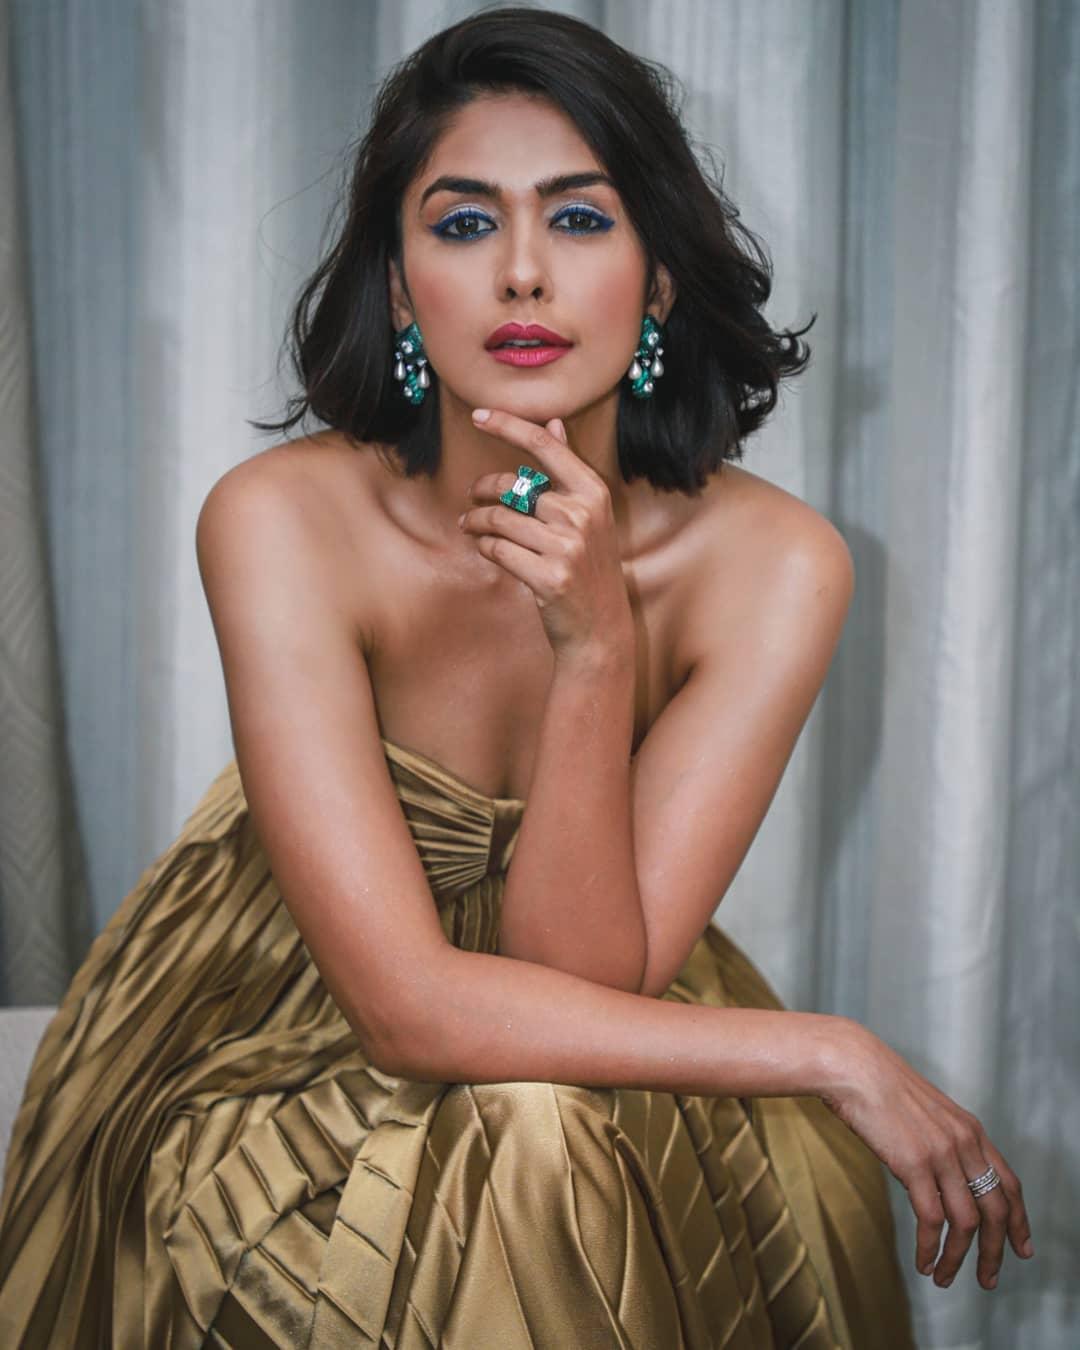 Mrunal Thakur actress images